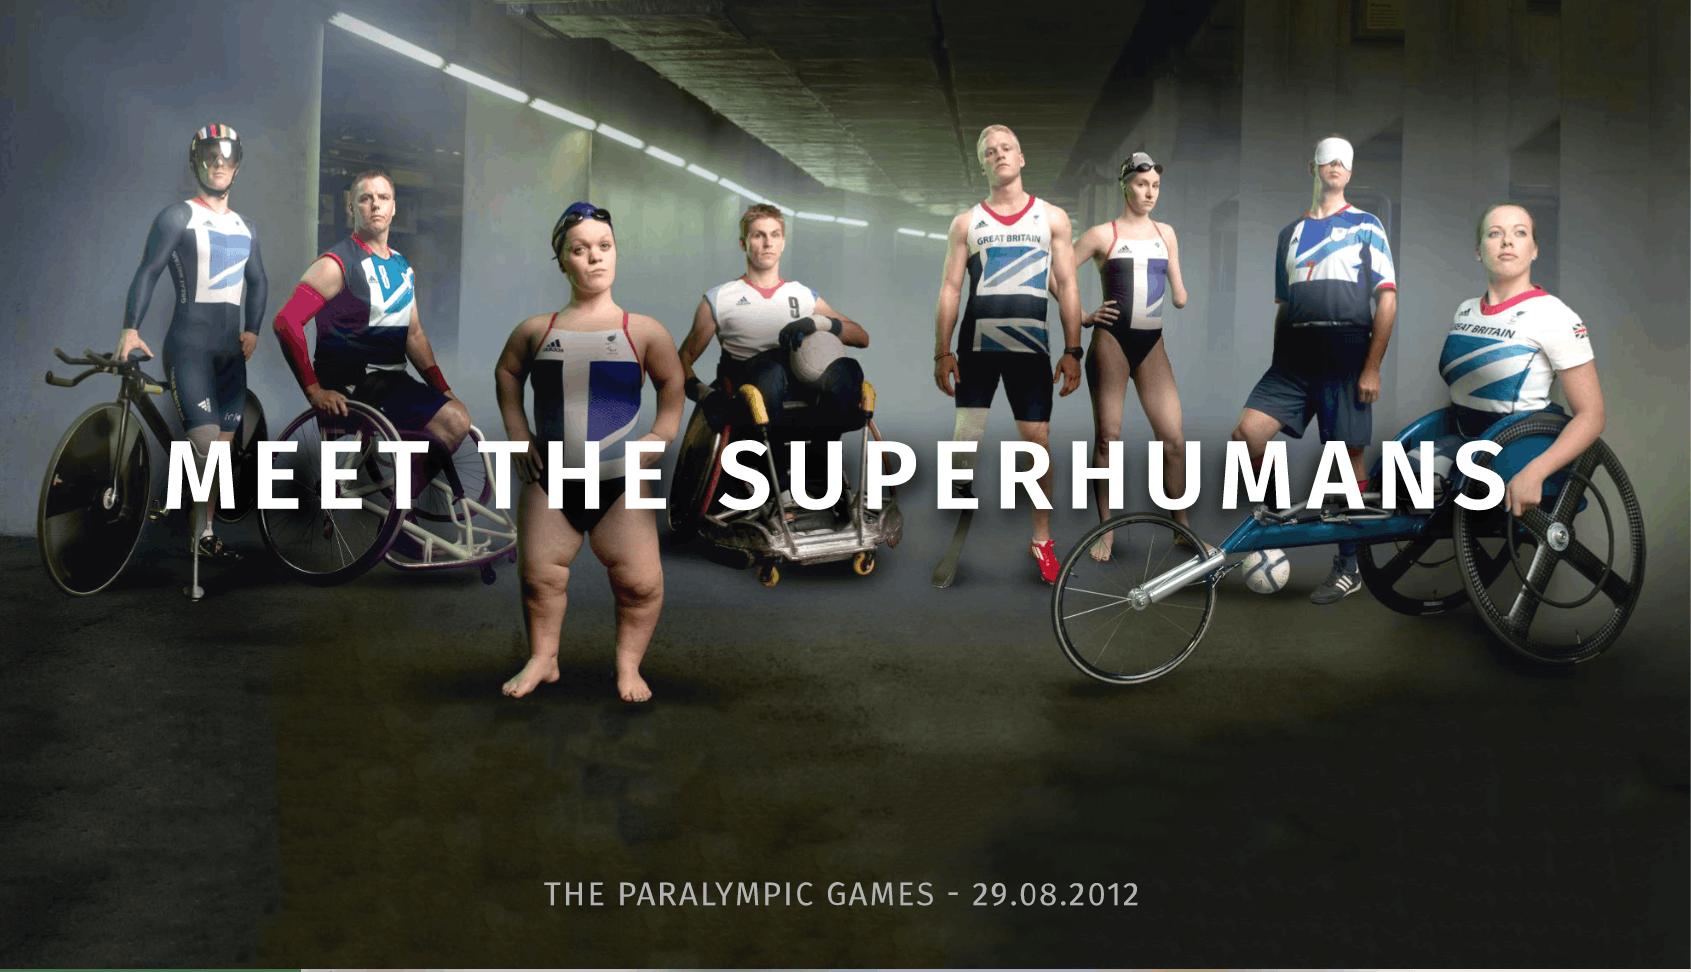 meet-the-superhumans